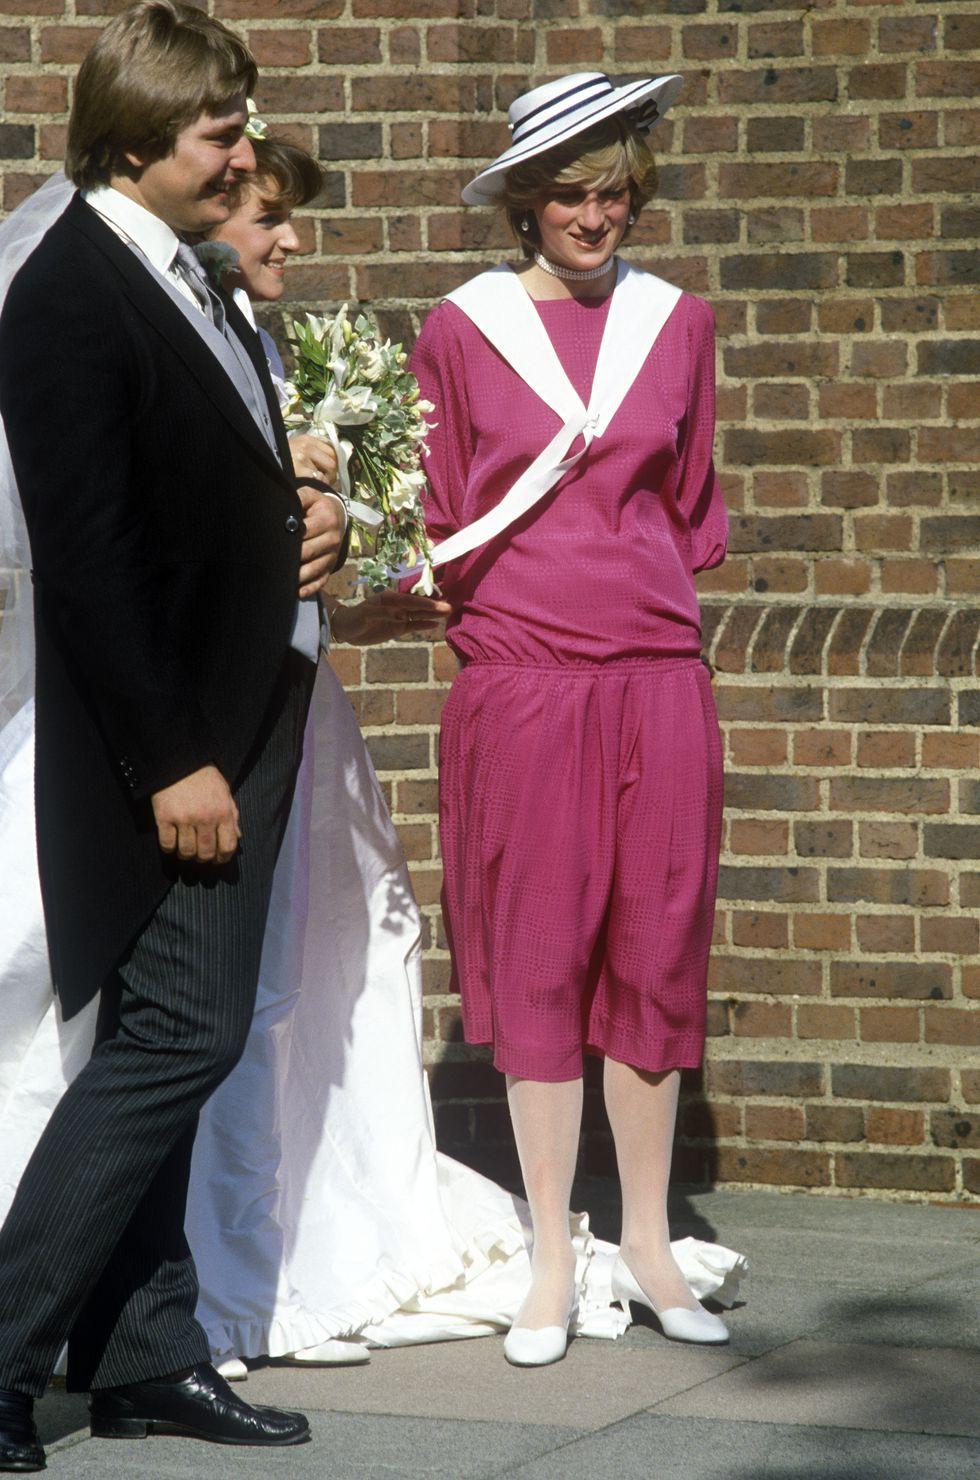 Đi đám cưới mà diện nào jumpsuit, nào đồ menswear, Công nương Diana chính là nữ nhân Hoàng gia có style dự đám cưới chất chơi nhất - Ảnh 2.